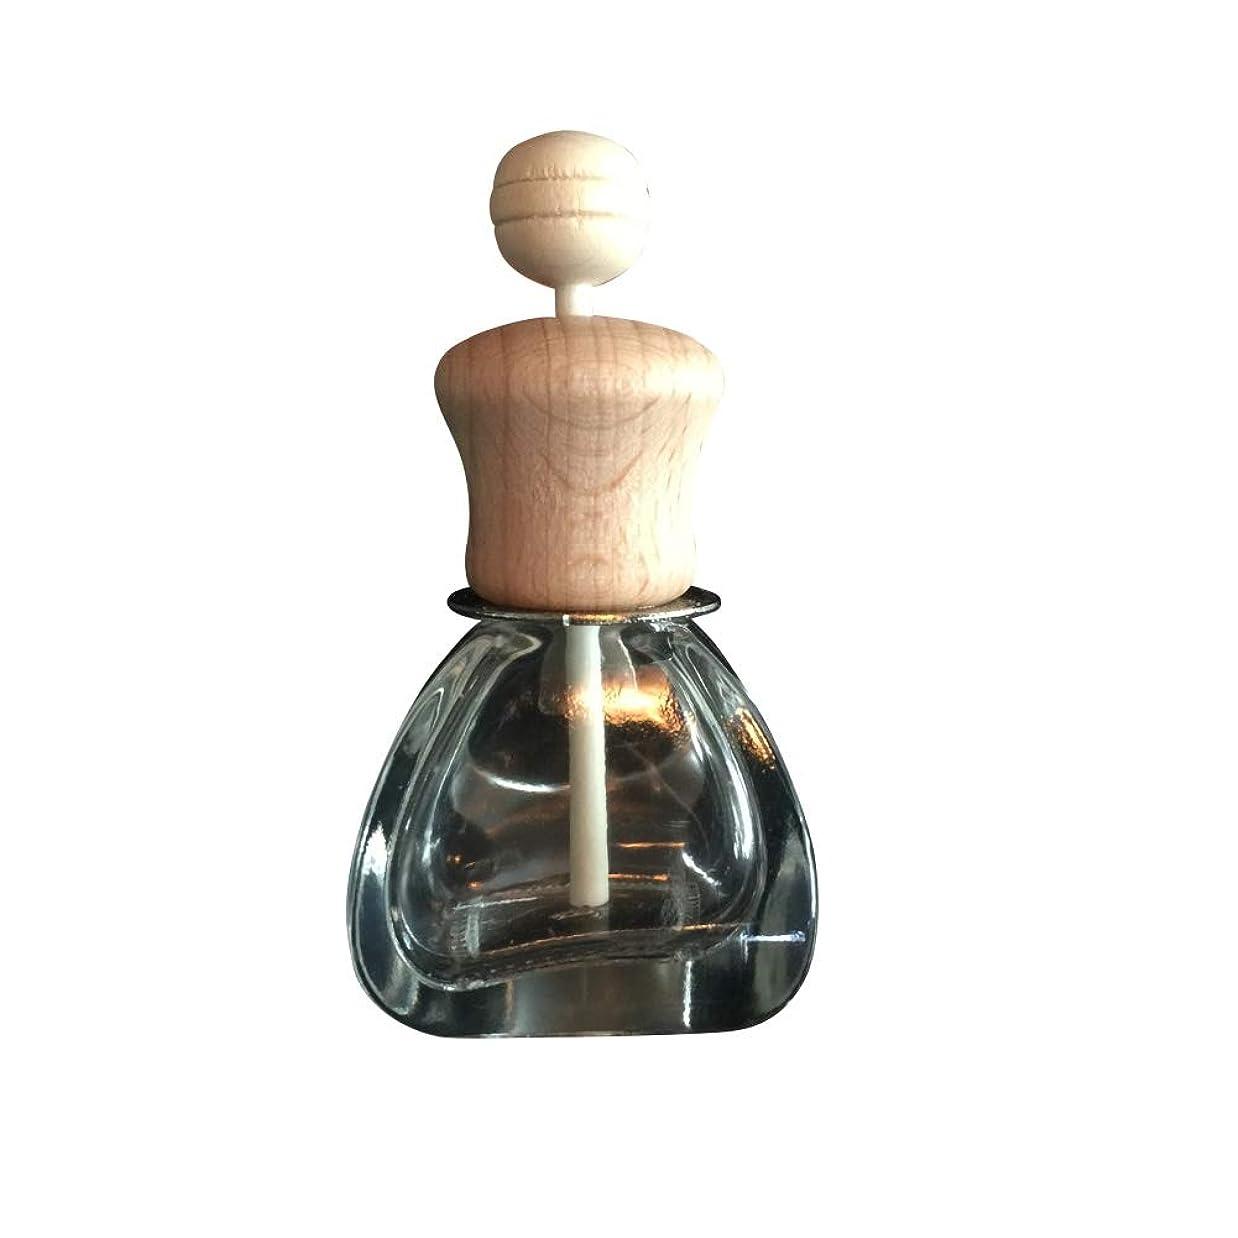 コーナー義務的運河KISSION カーベント香水瓶 詰め替え可能 車のペンダント 芳香剤 香水ディフューザー 香水瓶 掛けて 空気清涼剤 ディフューザー フレグランスボトル